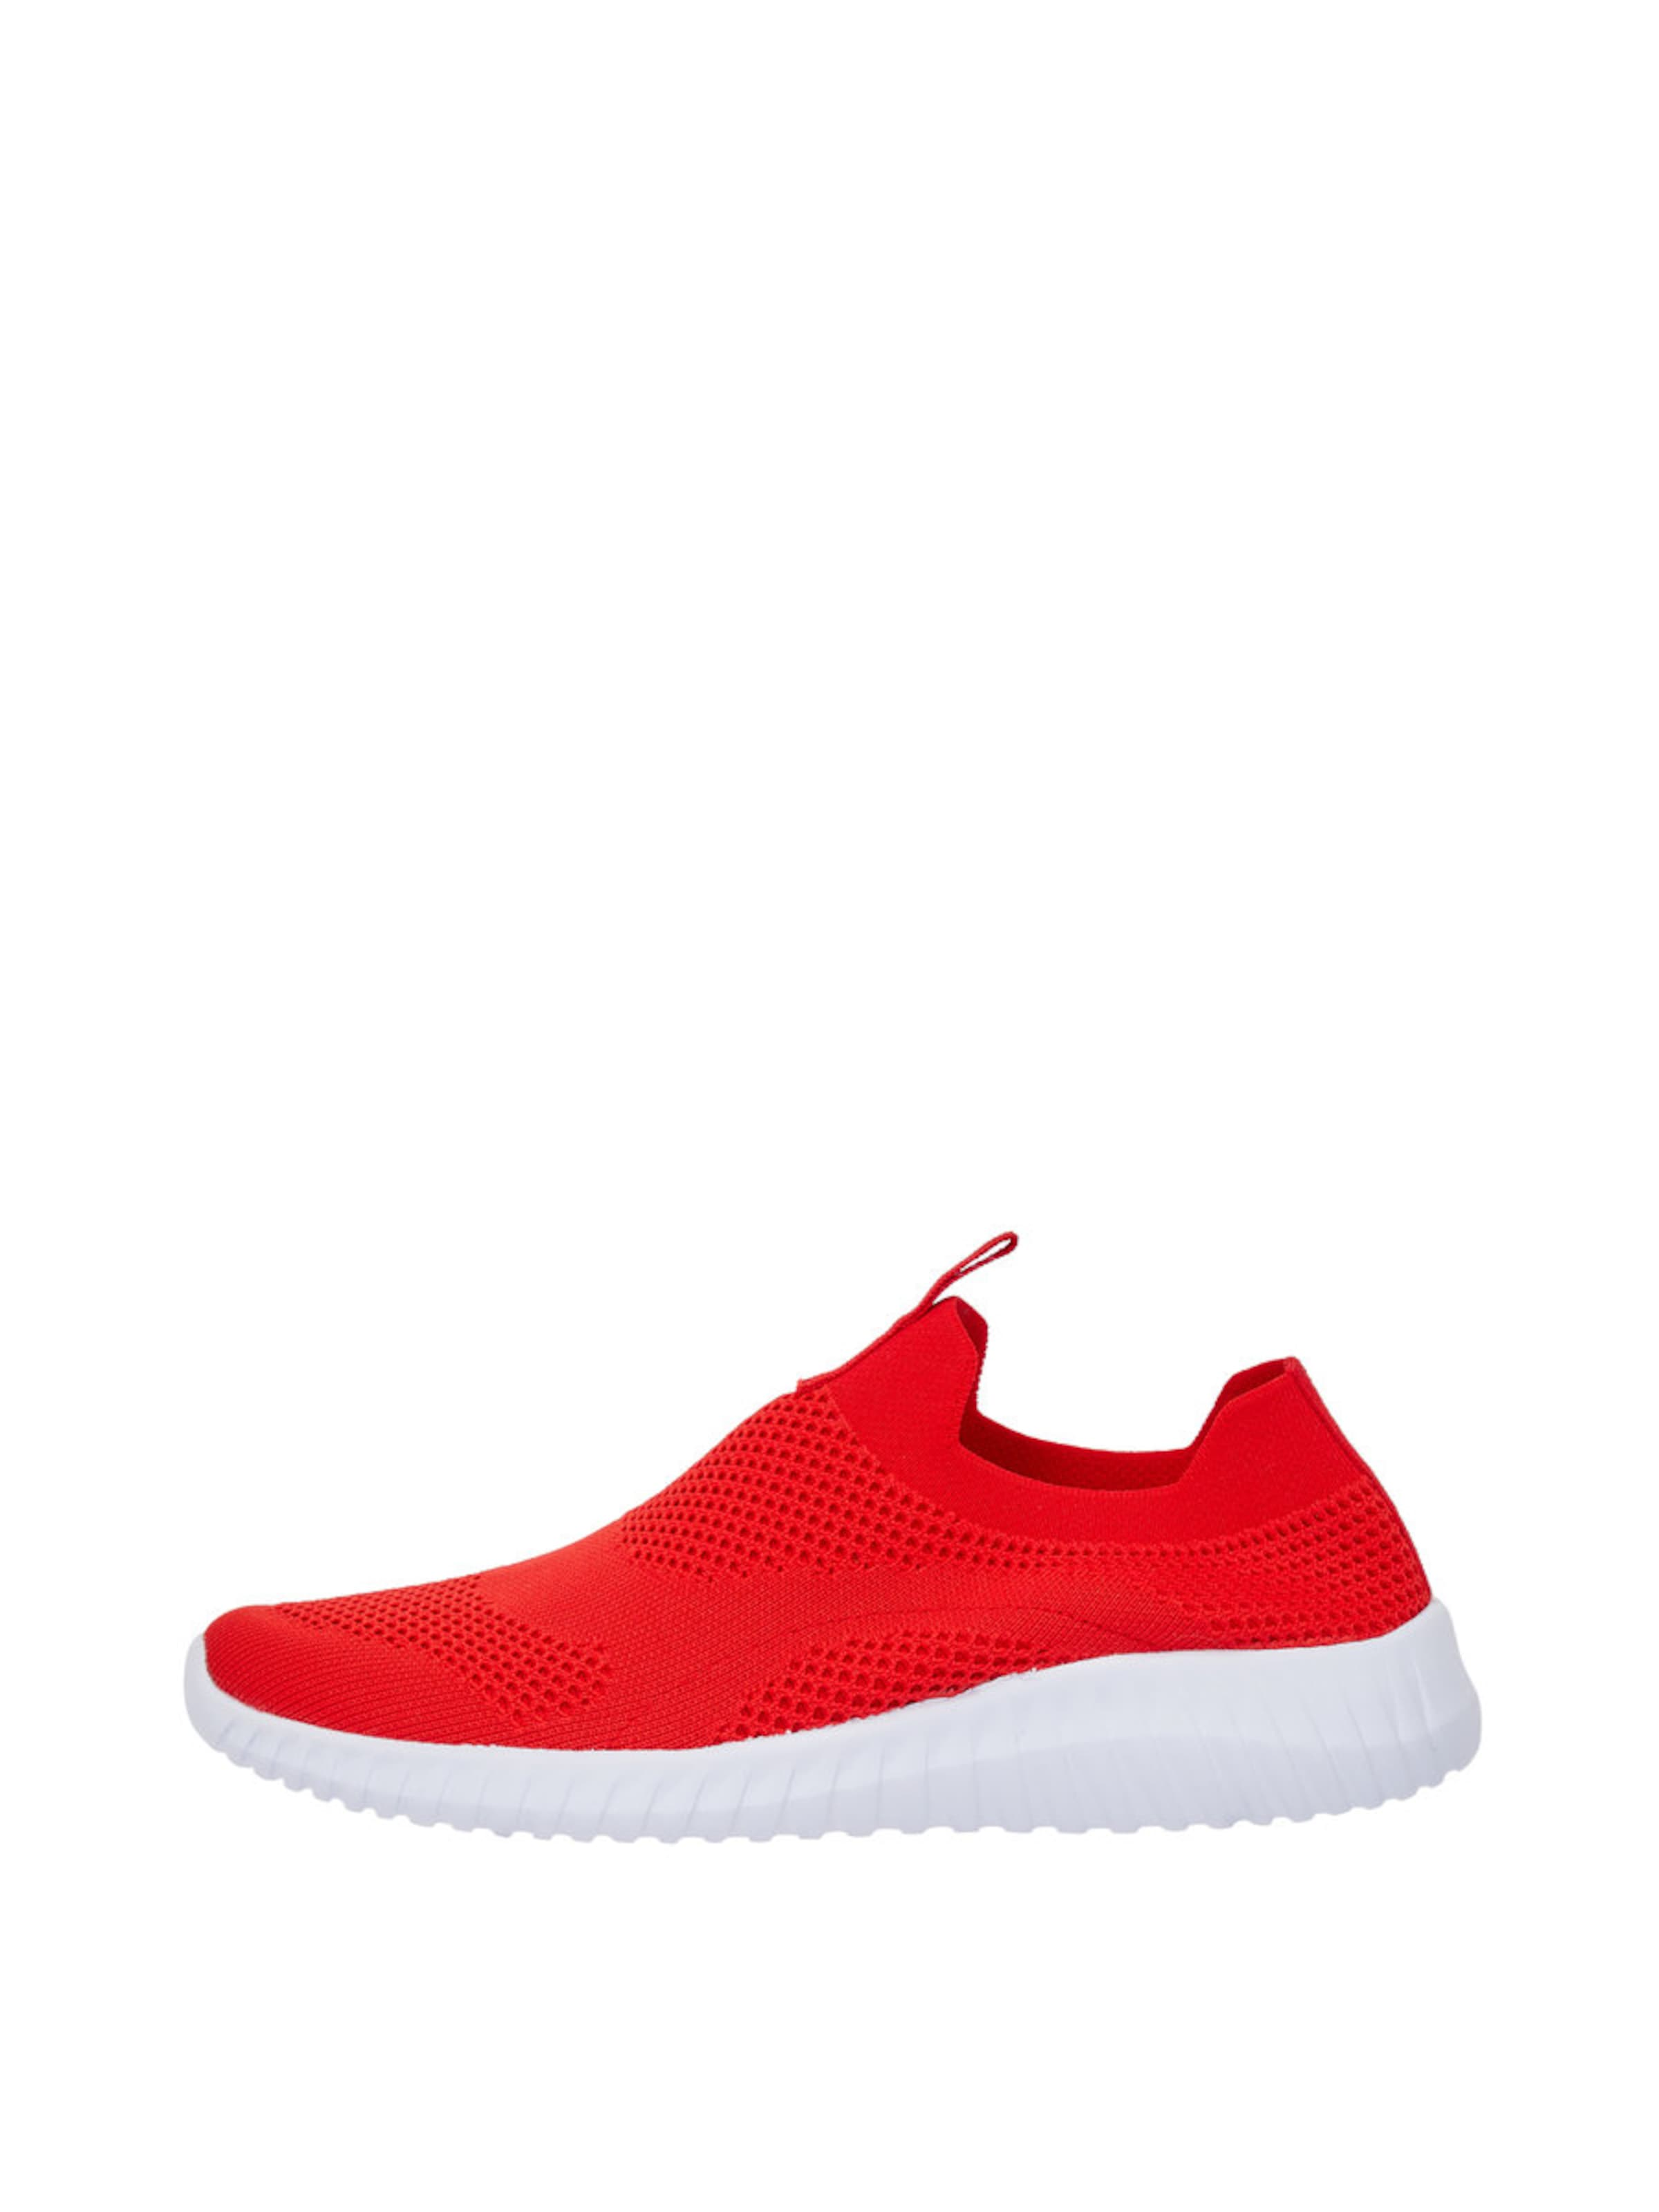 Haltbare Mode billige Schuhe getragene Bianco | Sneaker Schuhe Gut getragene Schuhe Schuhe d9df5e